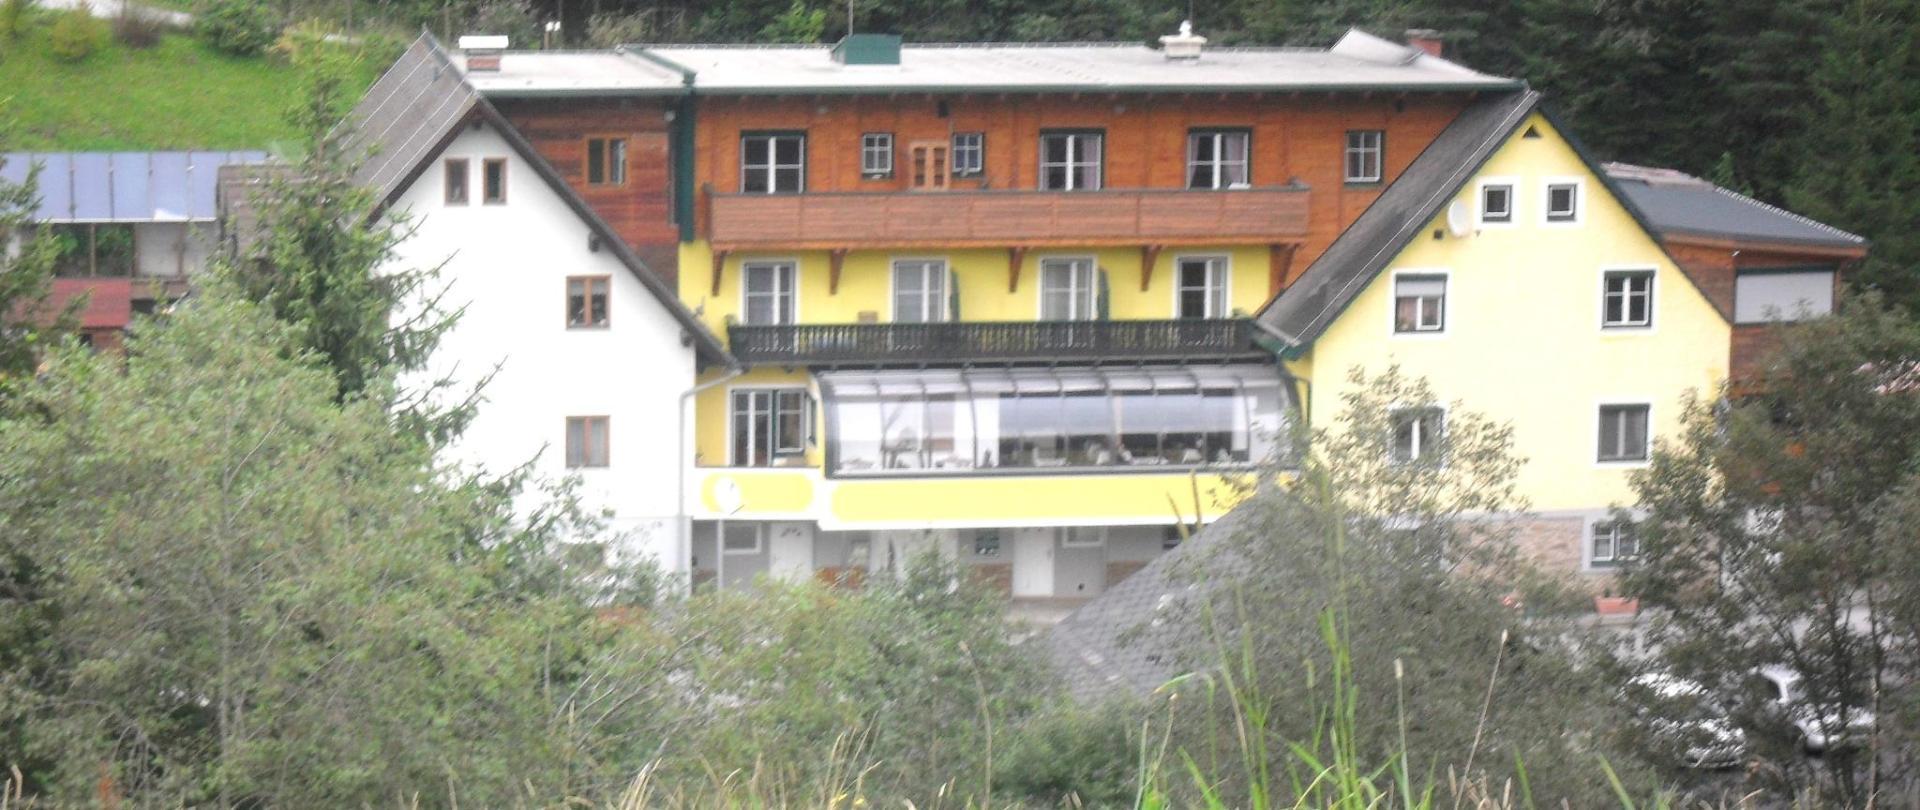 Großes Bild Gasthof.jpg